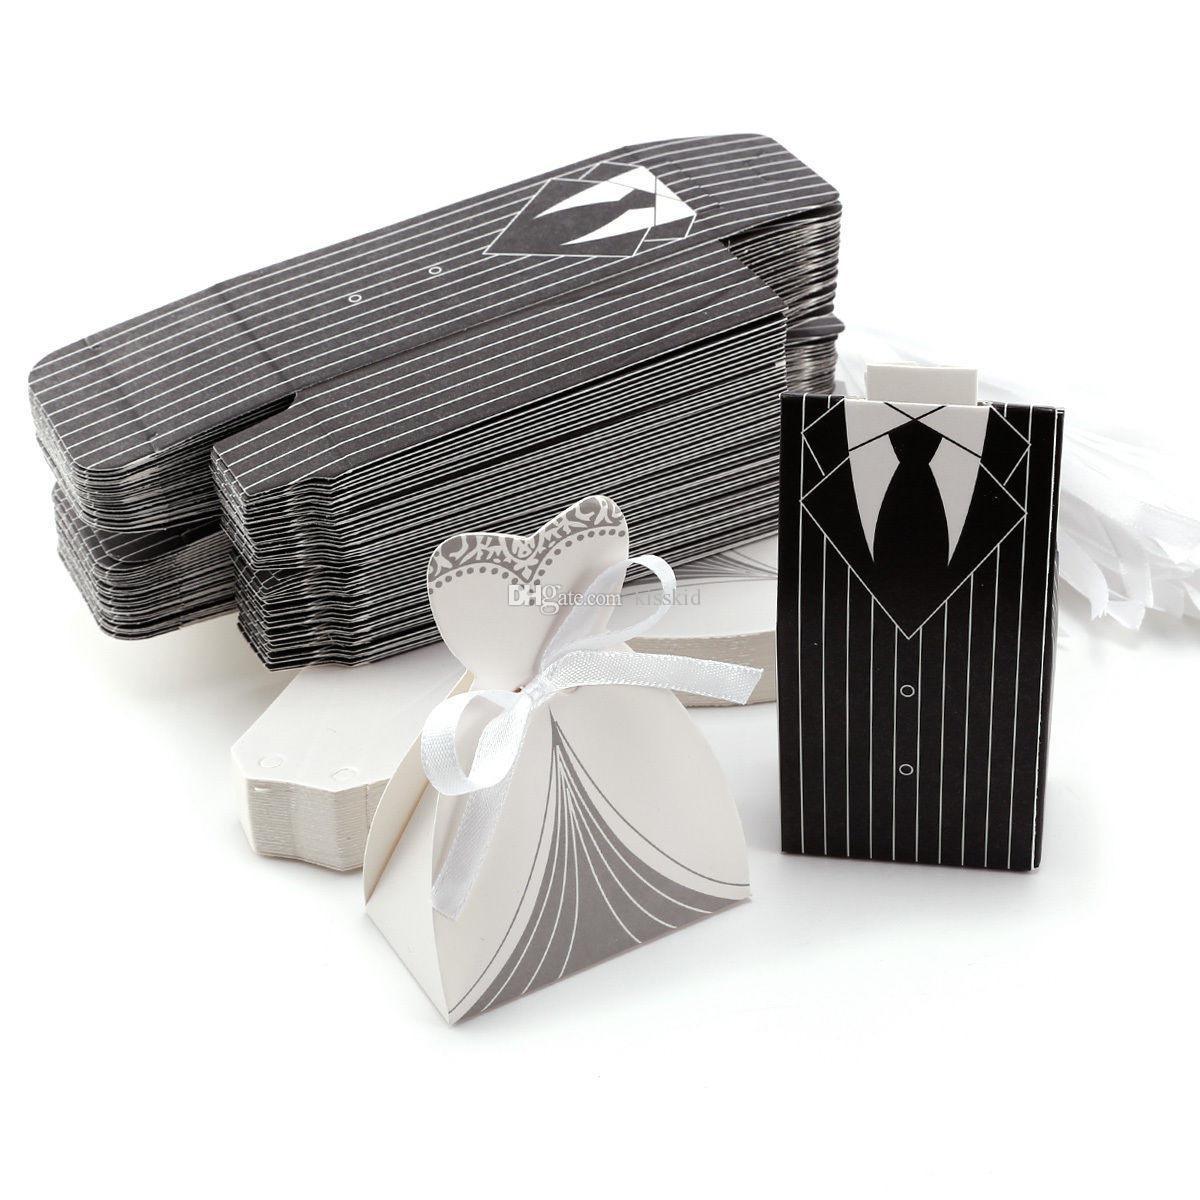 100pcs Süßigkeits-Kasten-Smoking-Kleid-Kleid-Braut-und Bräutigam-Hochzeits-Geschenk-Süßigkeit-Bevorzugungs-Kasten-Partei-Versorgungsmaterialien Freies Verschiffen